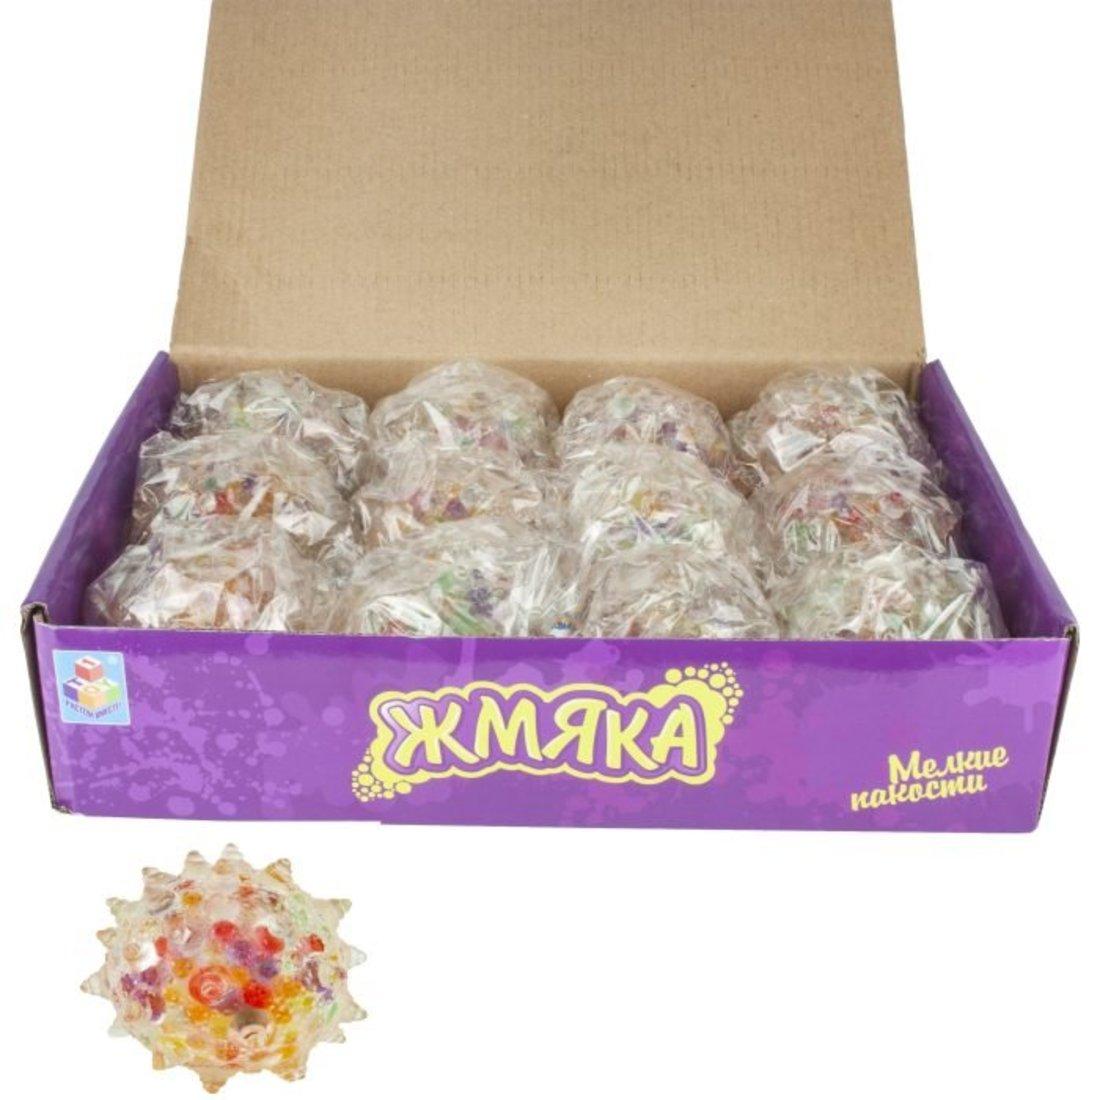 Мелкие пакости, жмяка шар булава с разноцветными шариками 6,5 см, в ассорт.